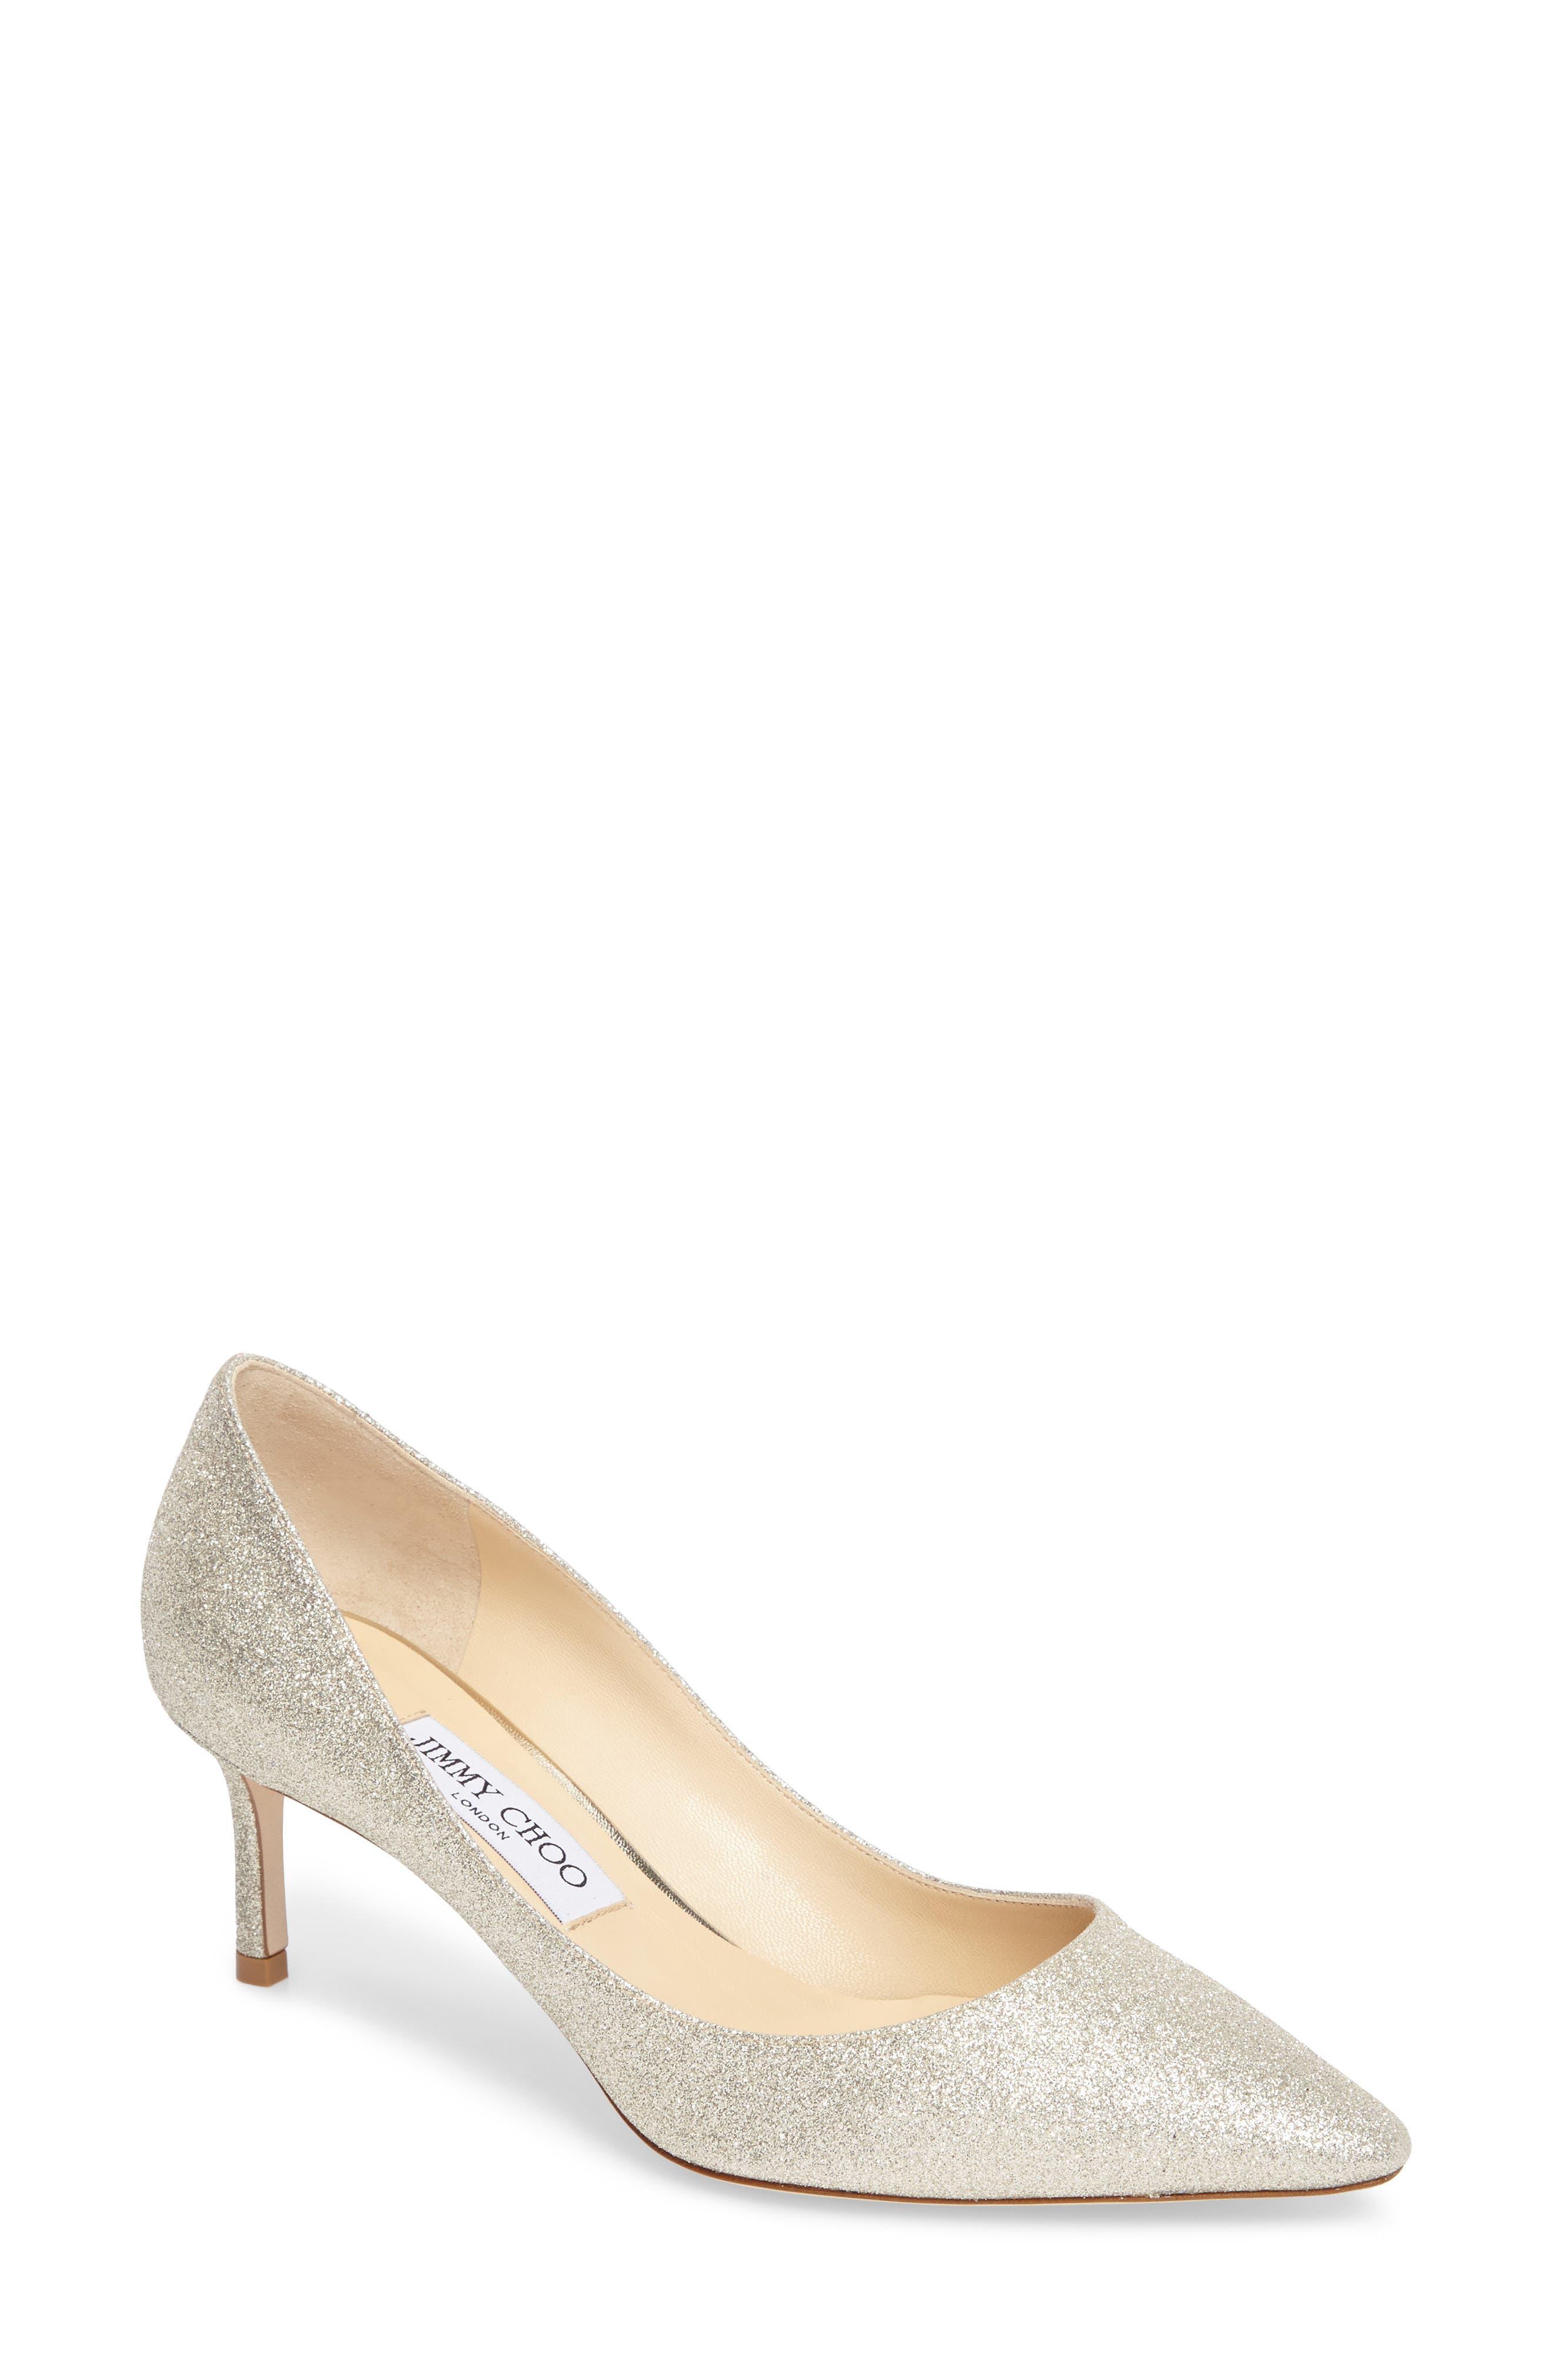 c8f1f76290b Women s Jimmy Choo Wedding Shoes